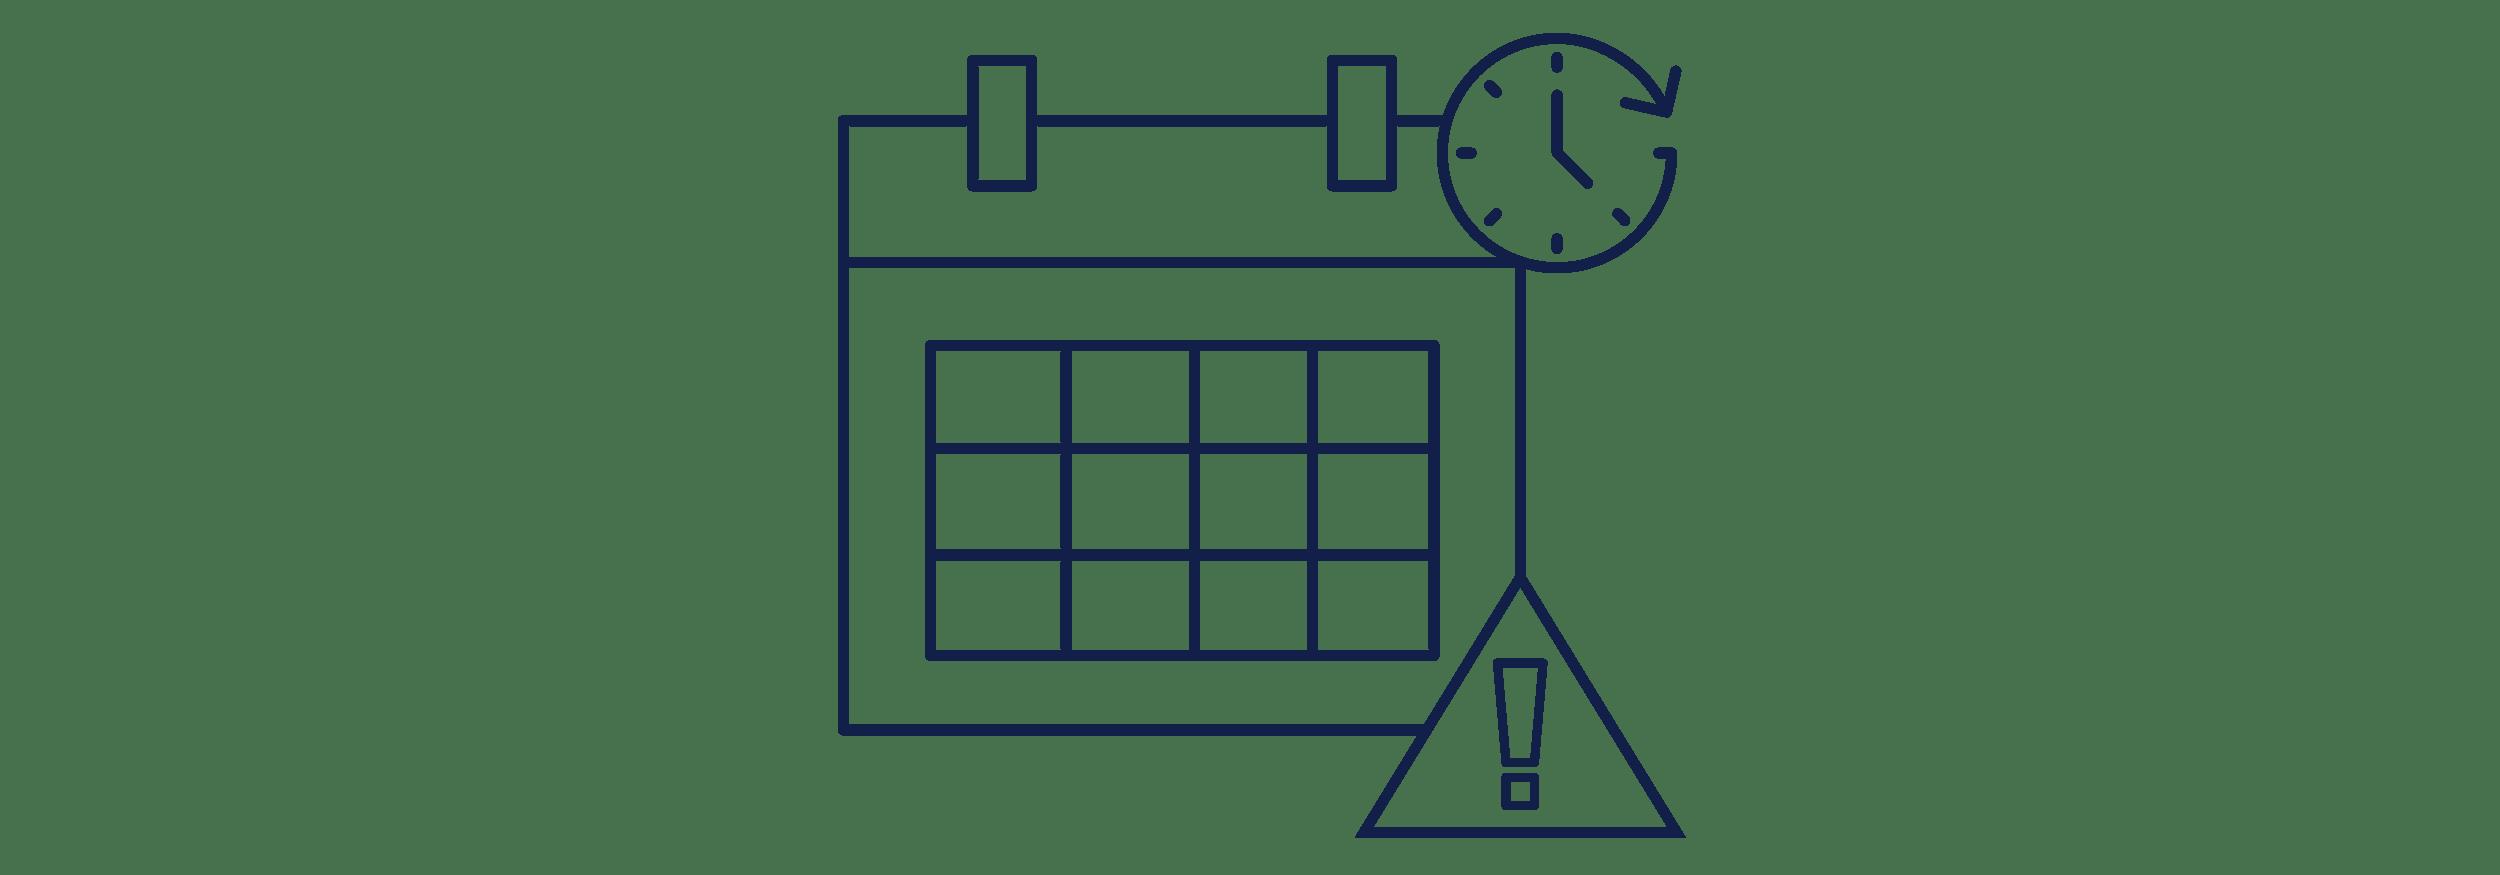 LaFata Contract Services